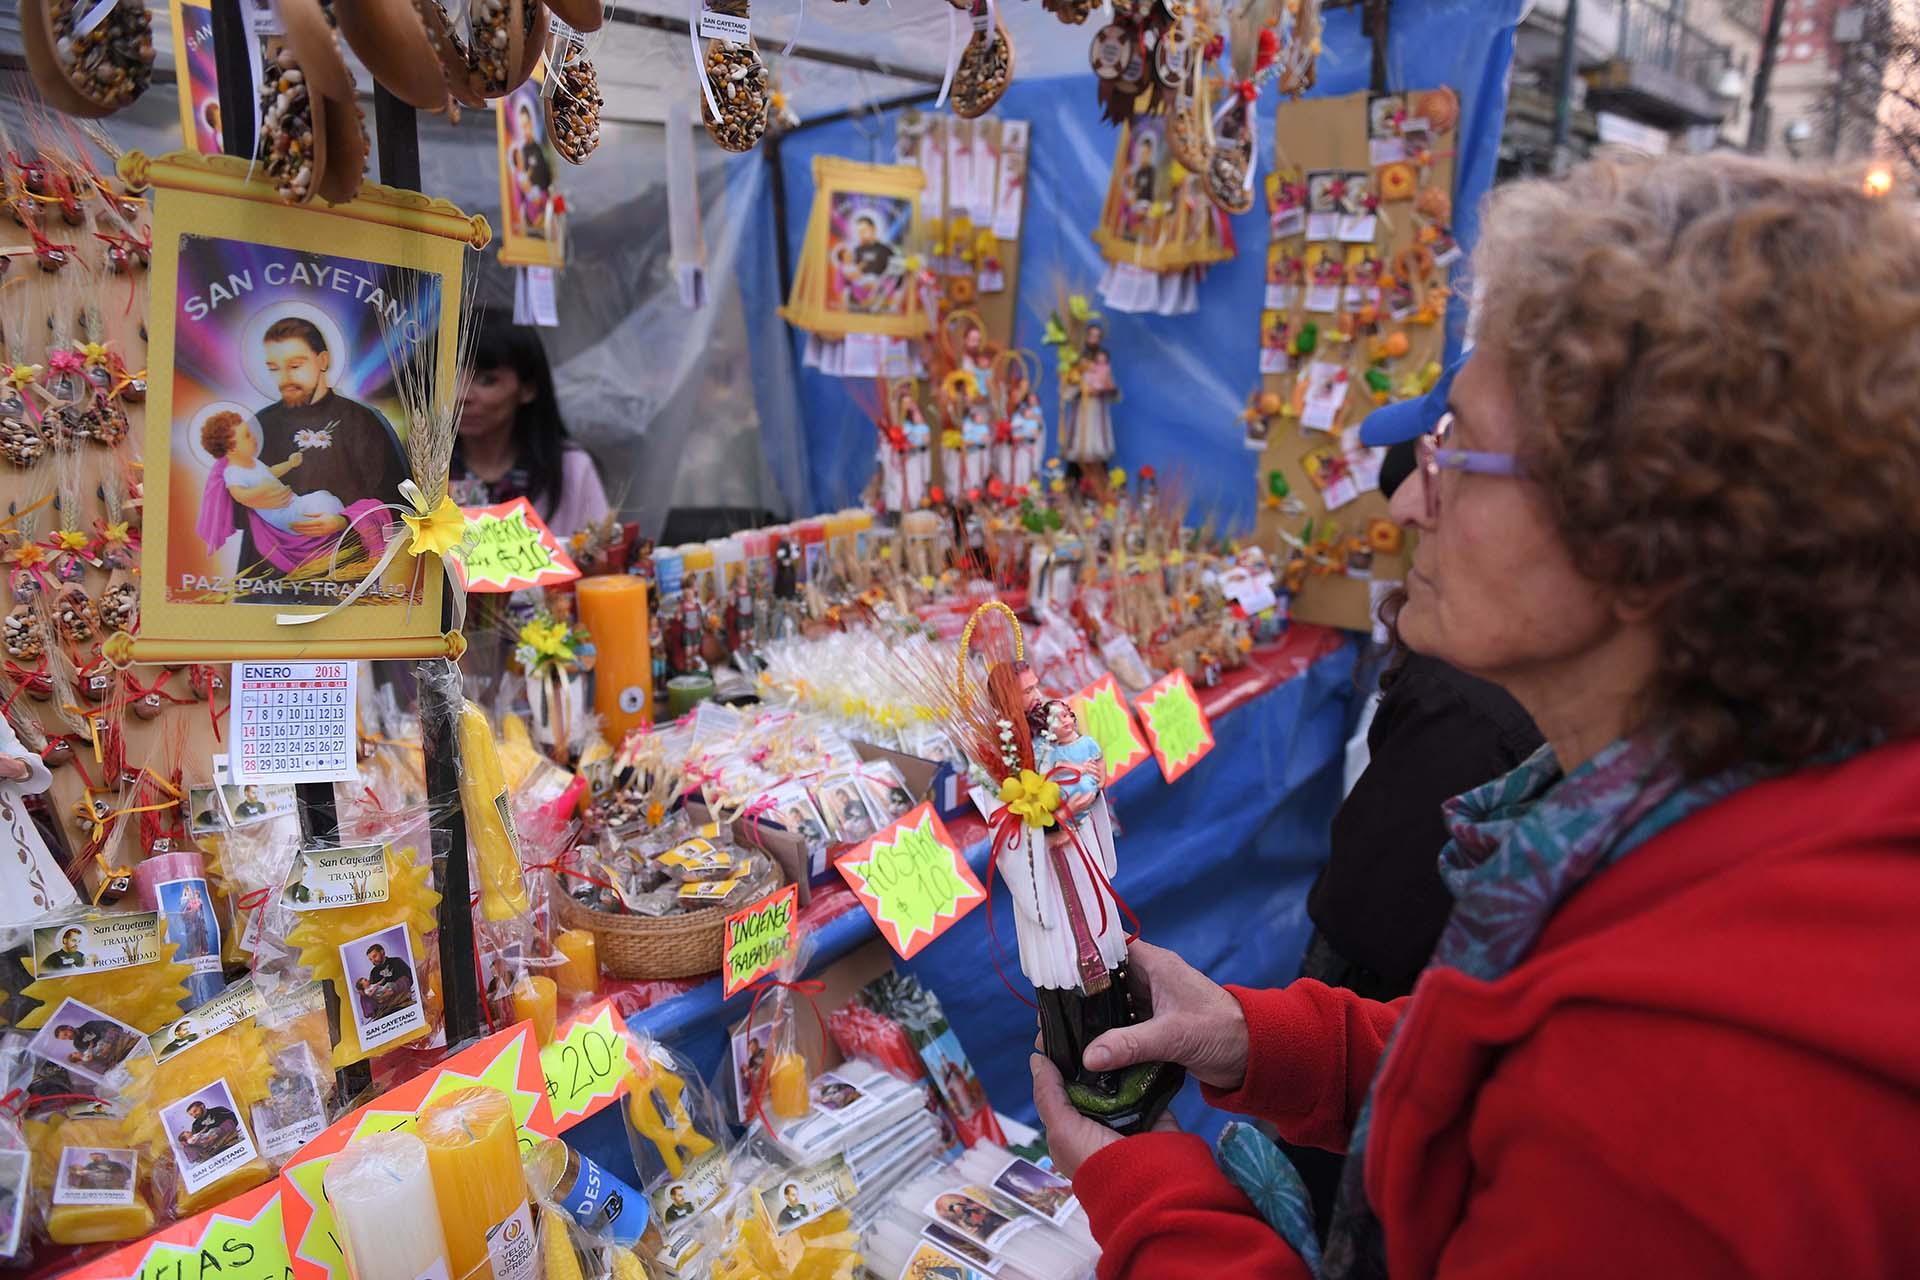 Los devotos de San Cayetano aguardan desde hace semanas para participar de esta fiesta religiosa.